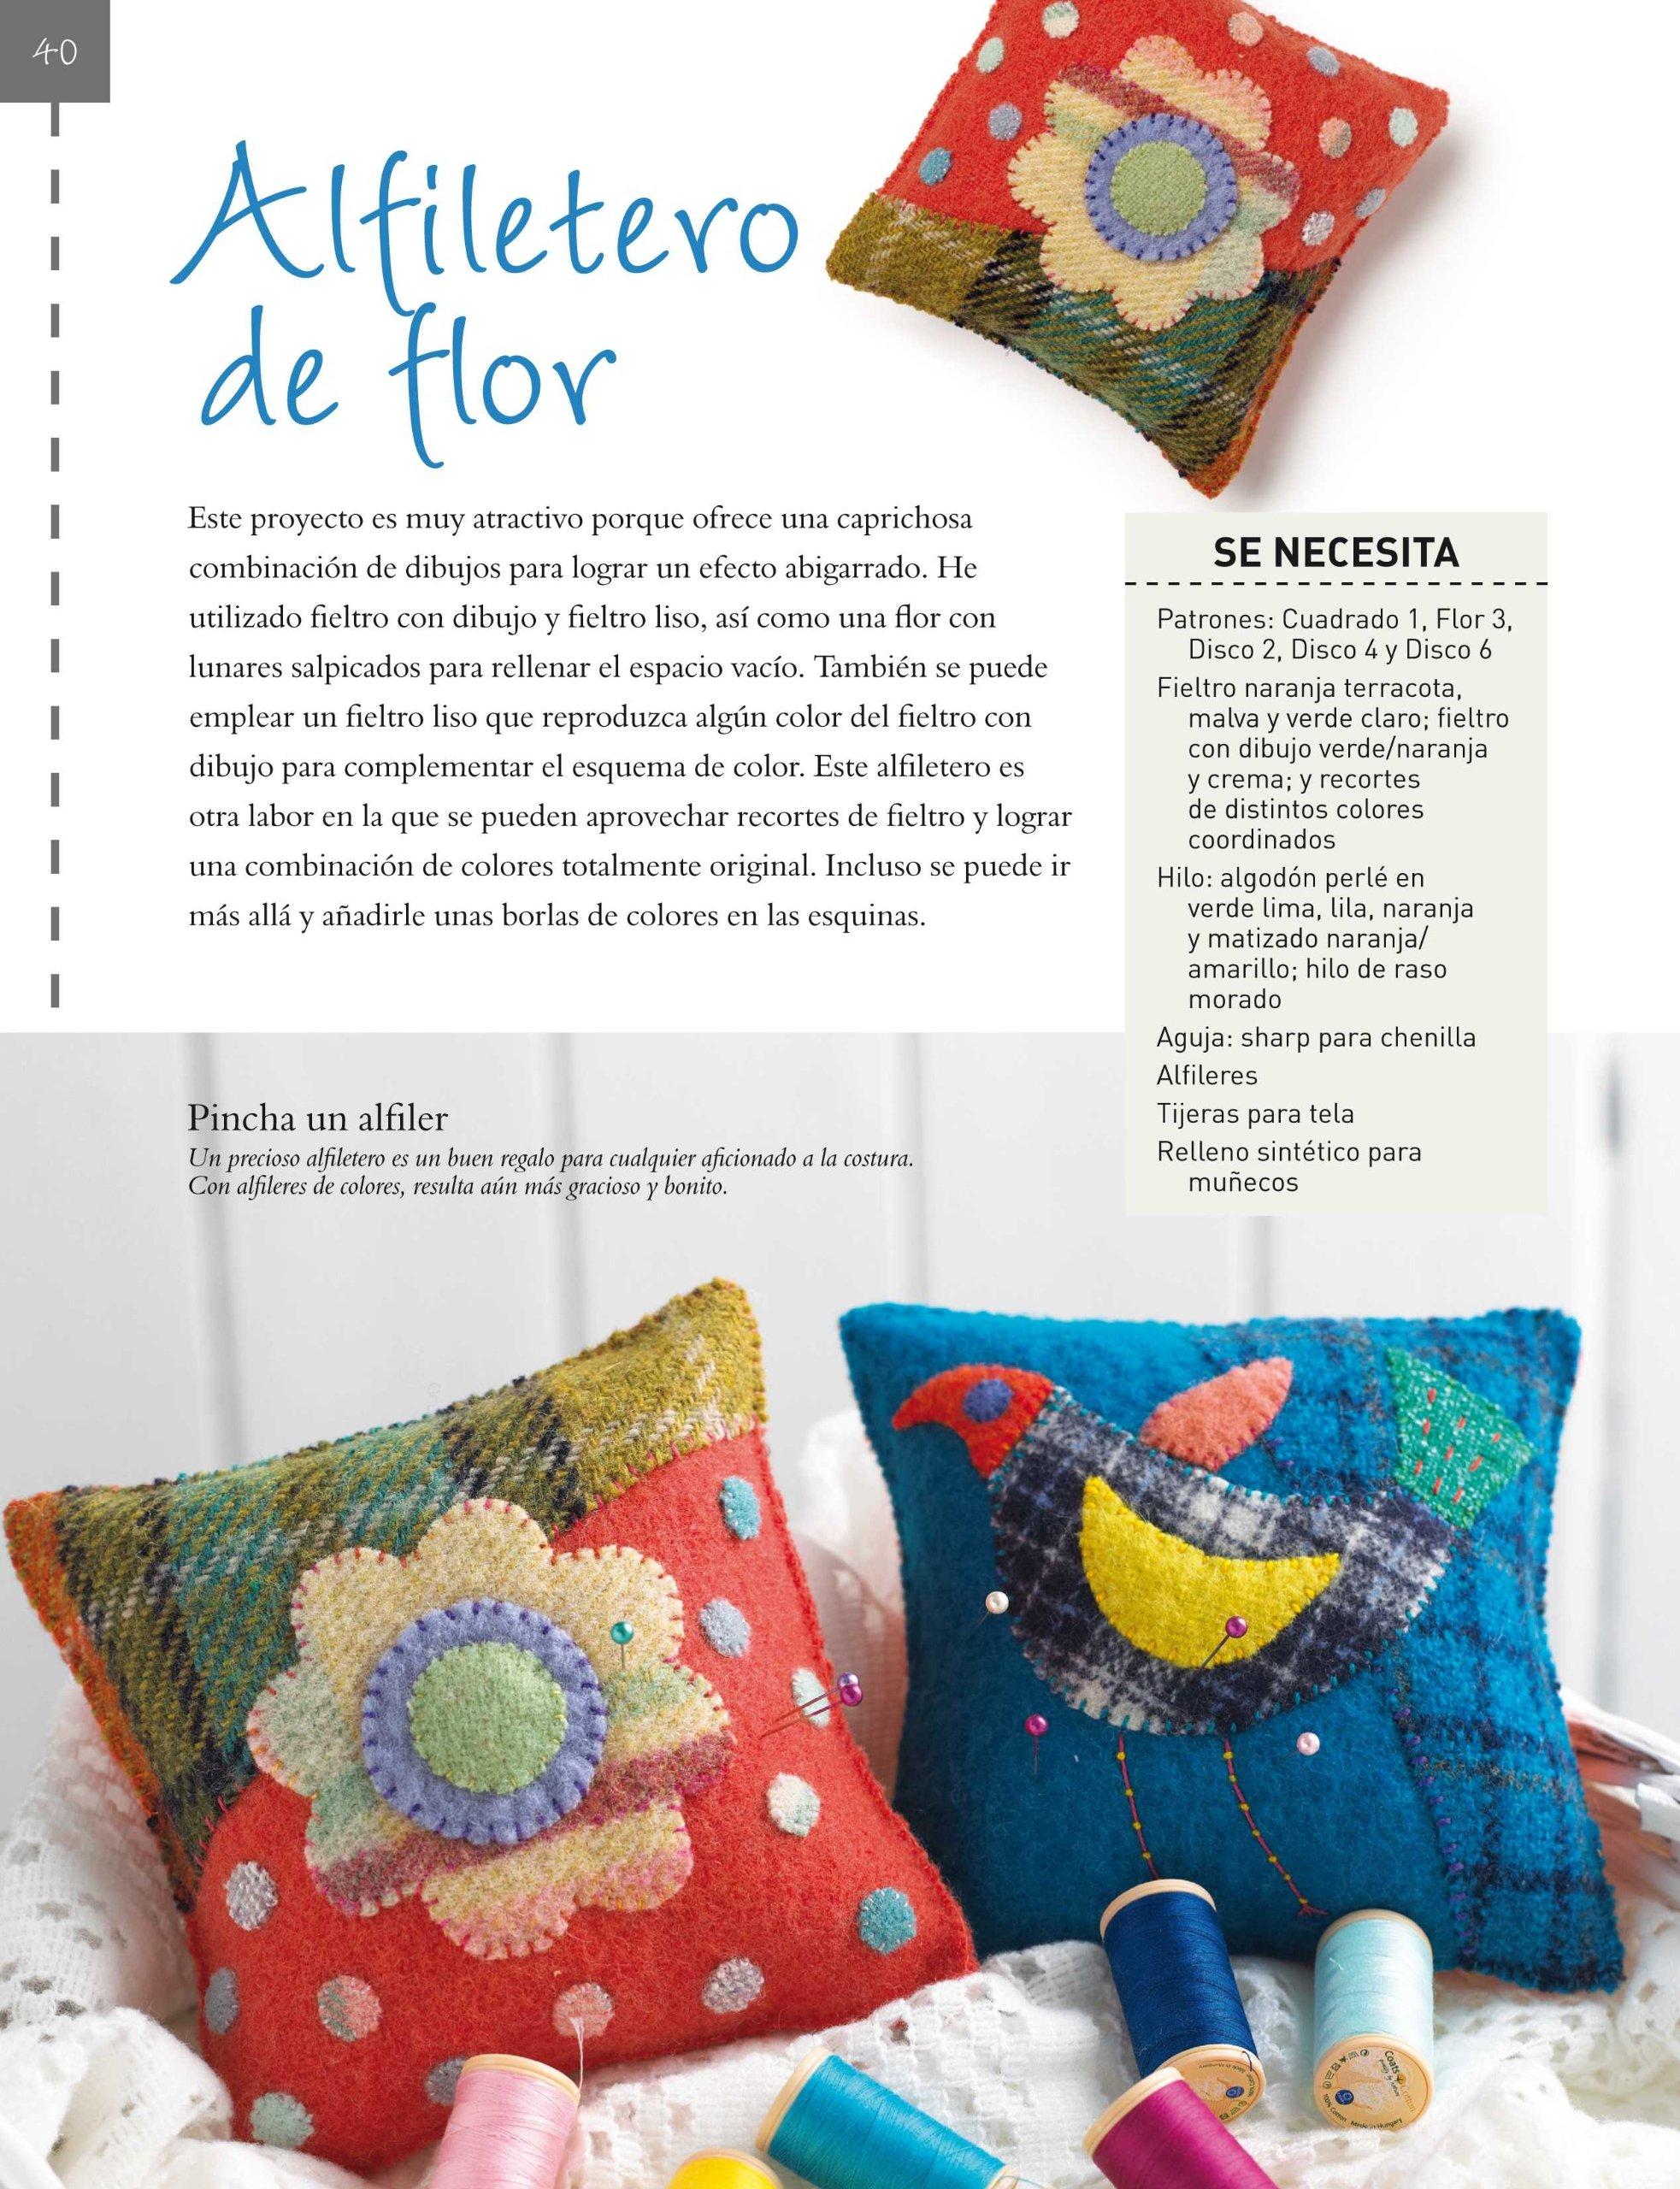 Adornos para decorar la casa con fieltro: Corazones, flores, estrellas, pájaros...: MILLINGTON(743661): 9788498743661: Amazon.com: Books